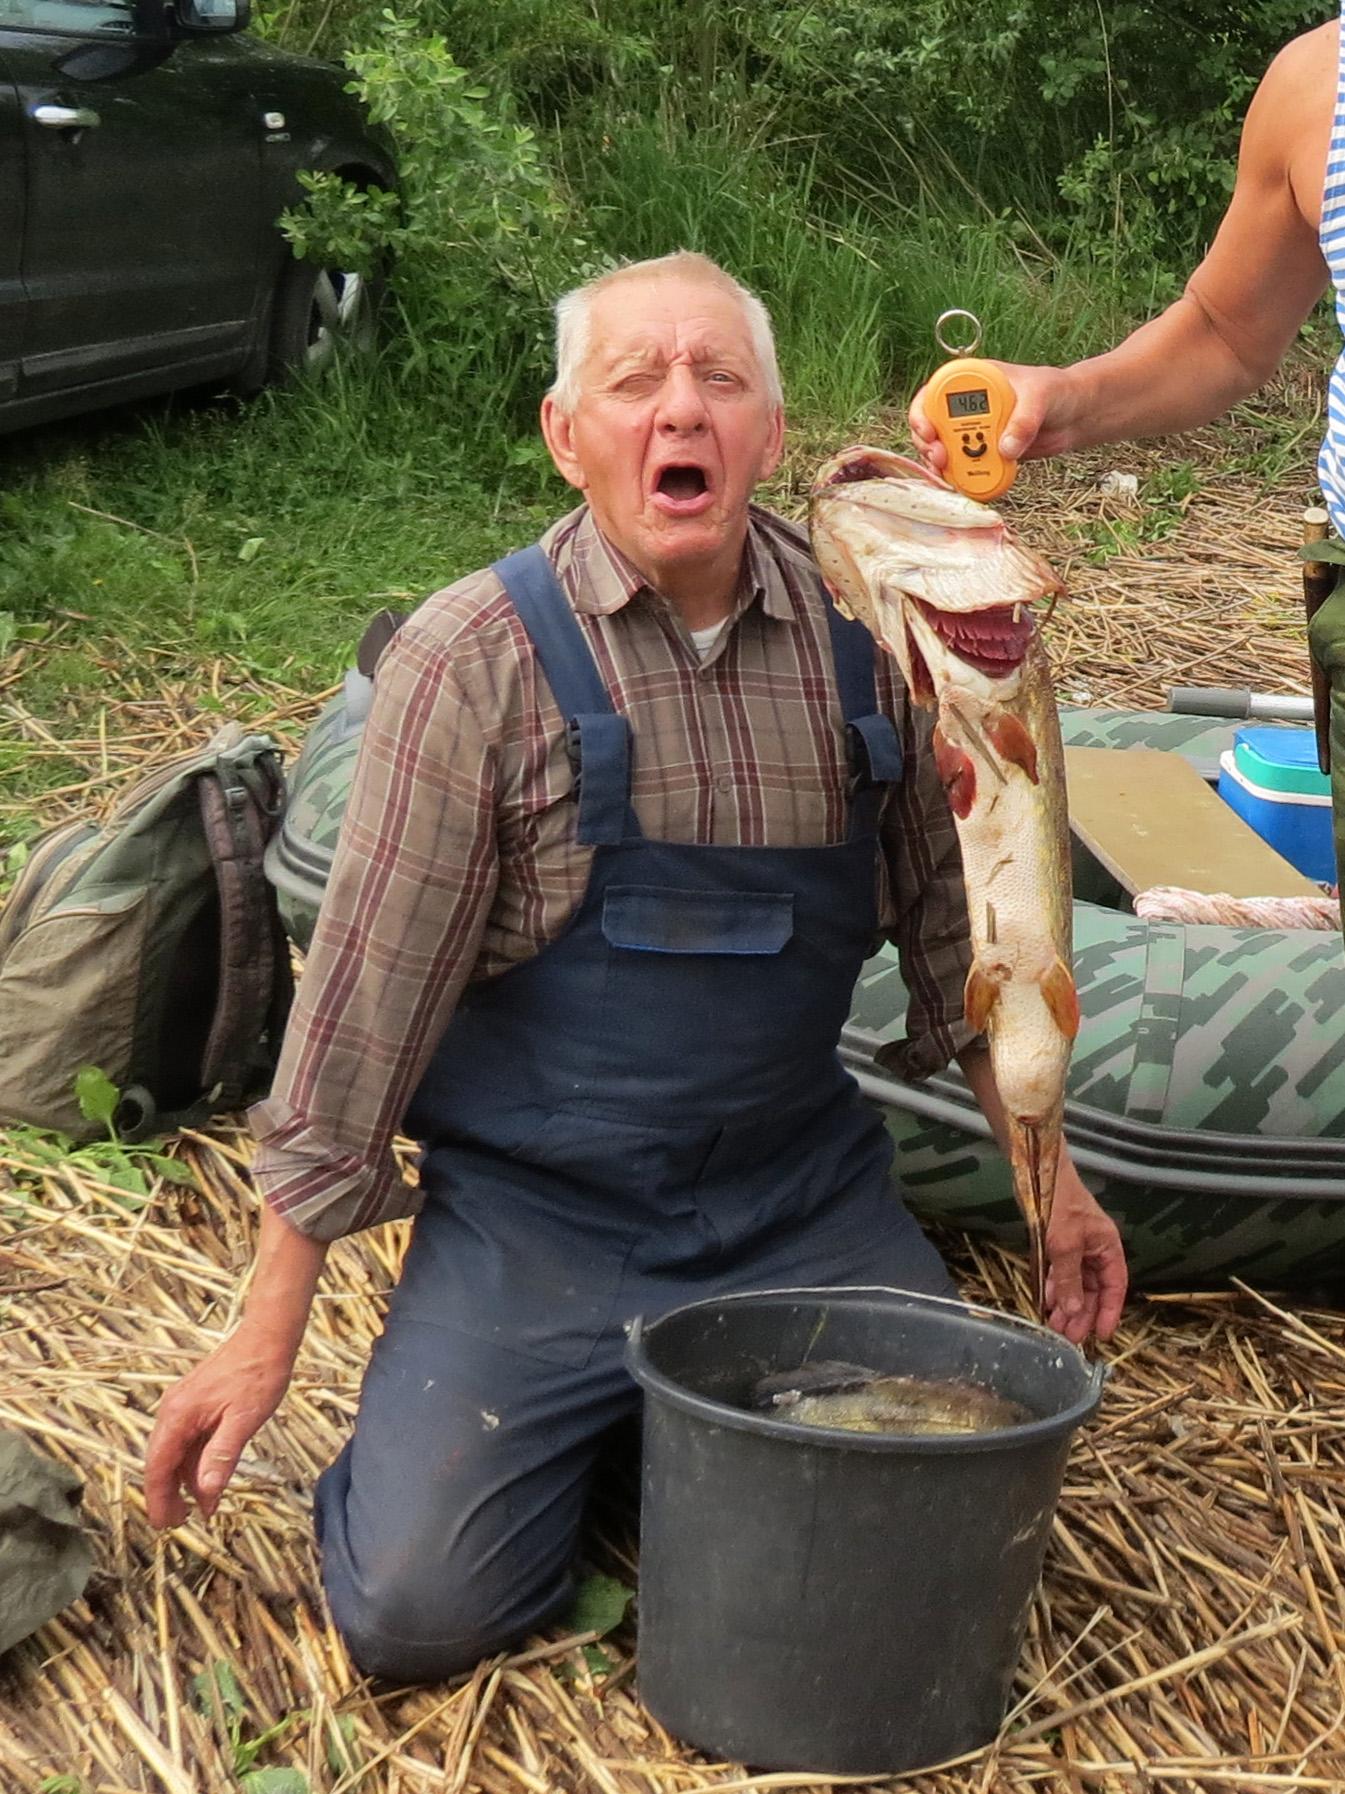 Сергей Николаевич Мясников – наш самый старший рыболов. Счастливее его 16 июня 2020 года не было никого на свете. И в 73 года он продолжает заниматься спортивным ориентированием и выполняет норматив кандидата в мастера спорта. Фото автора.